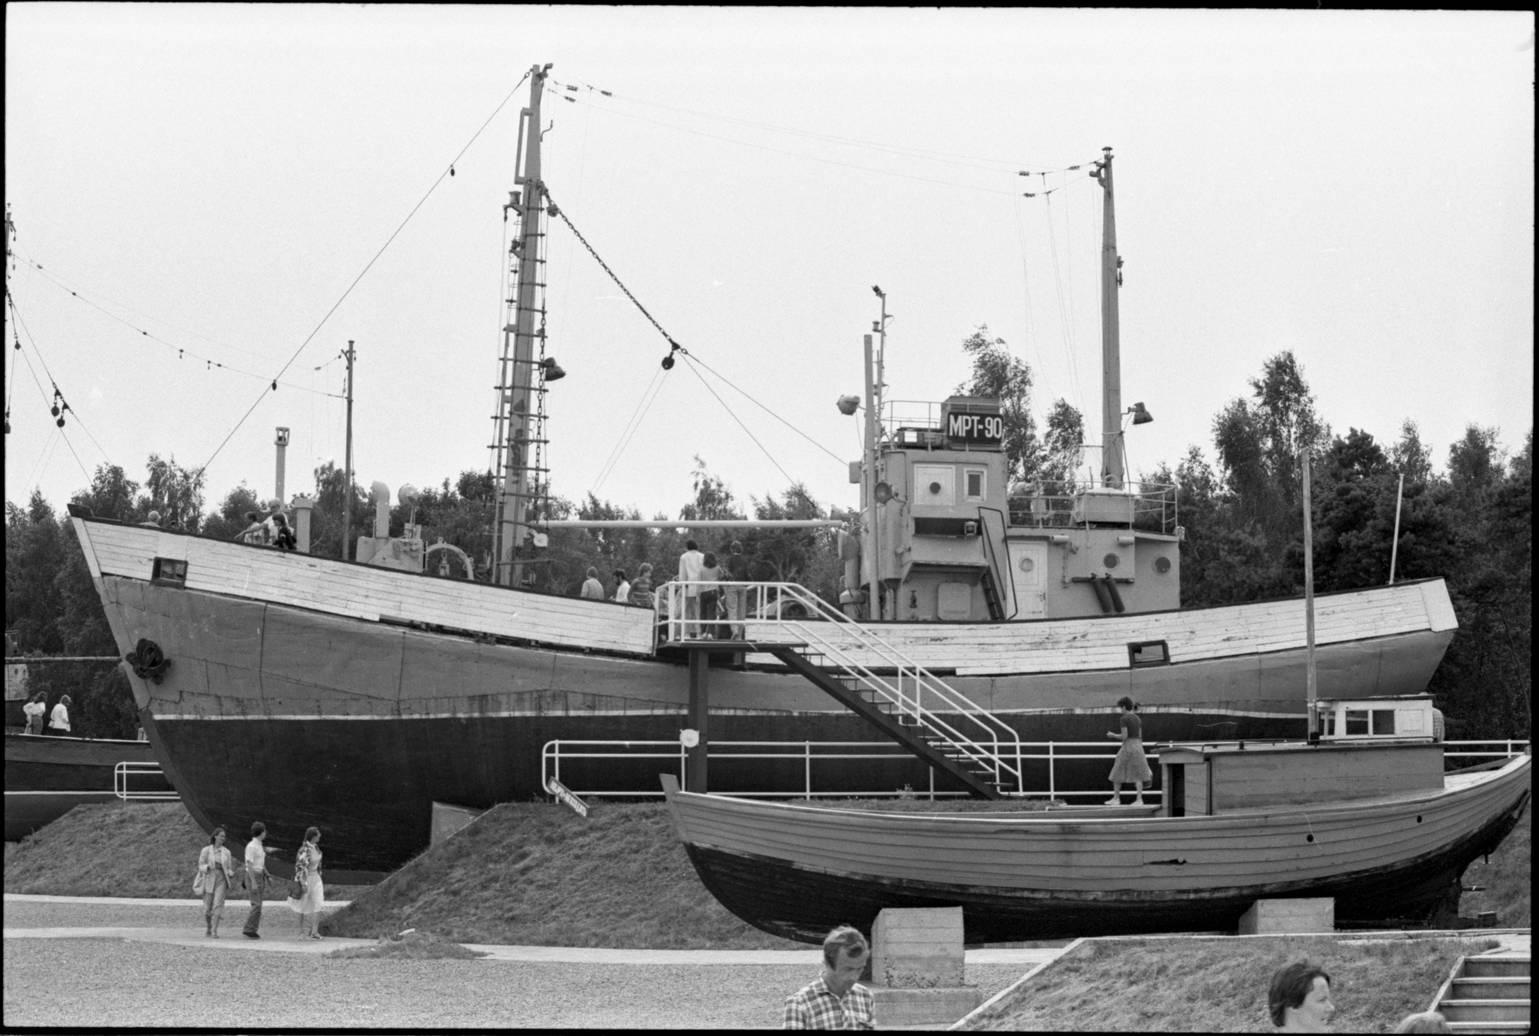 Senųjų žvejybos laivų ekspozicija. Smiltynė